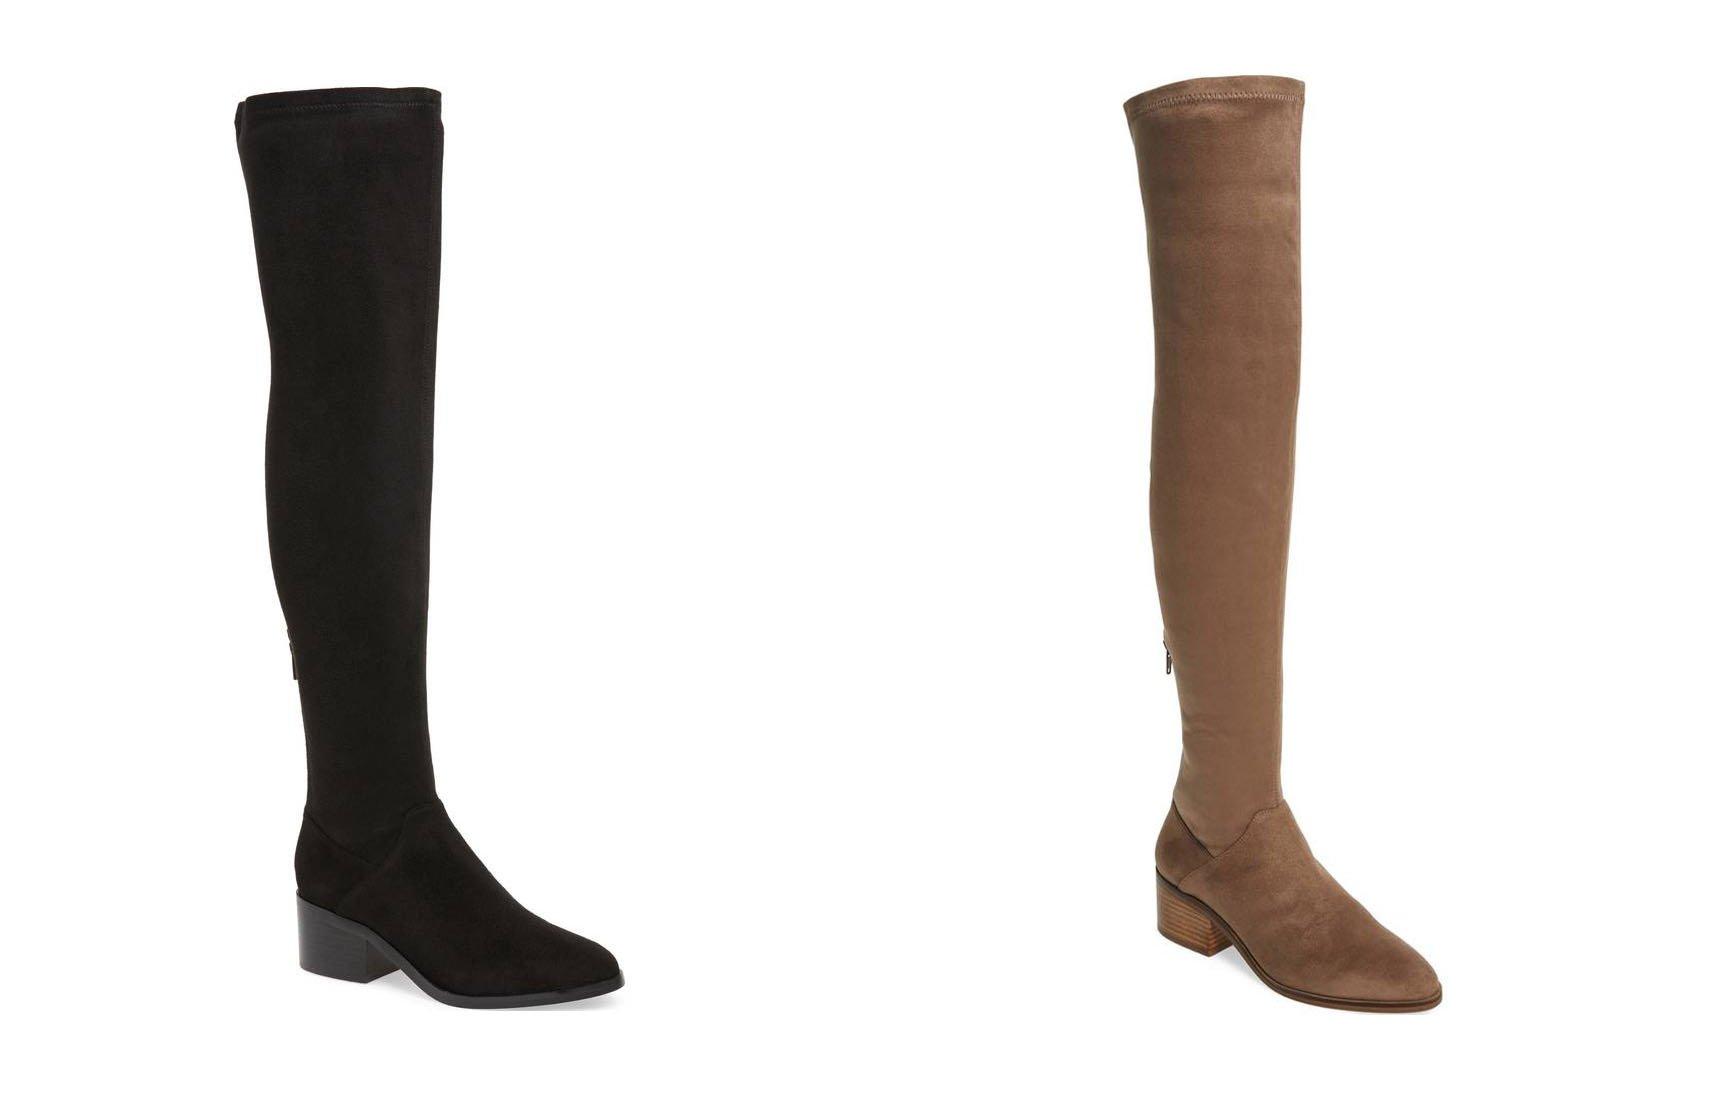 Steve Madden OTK boot sale